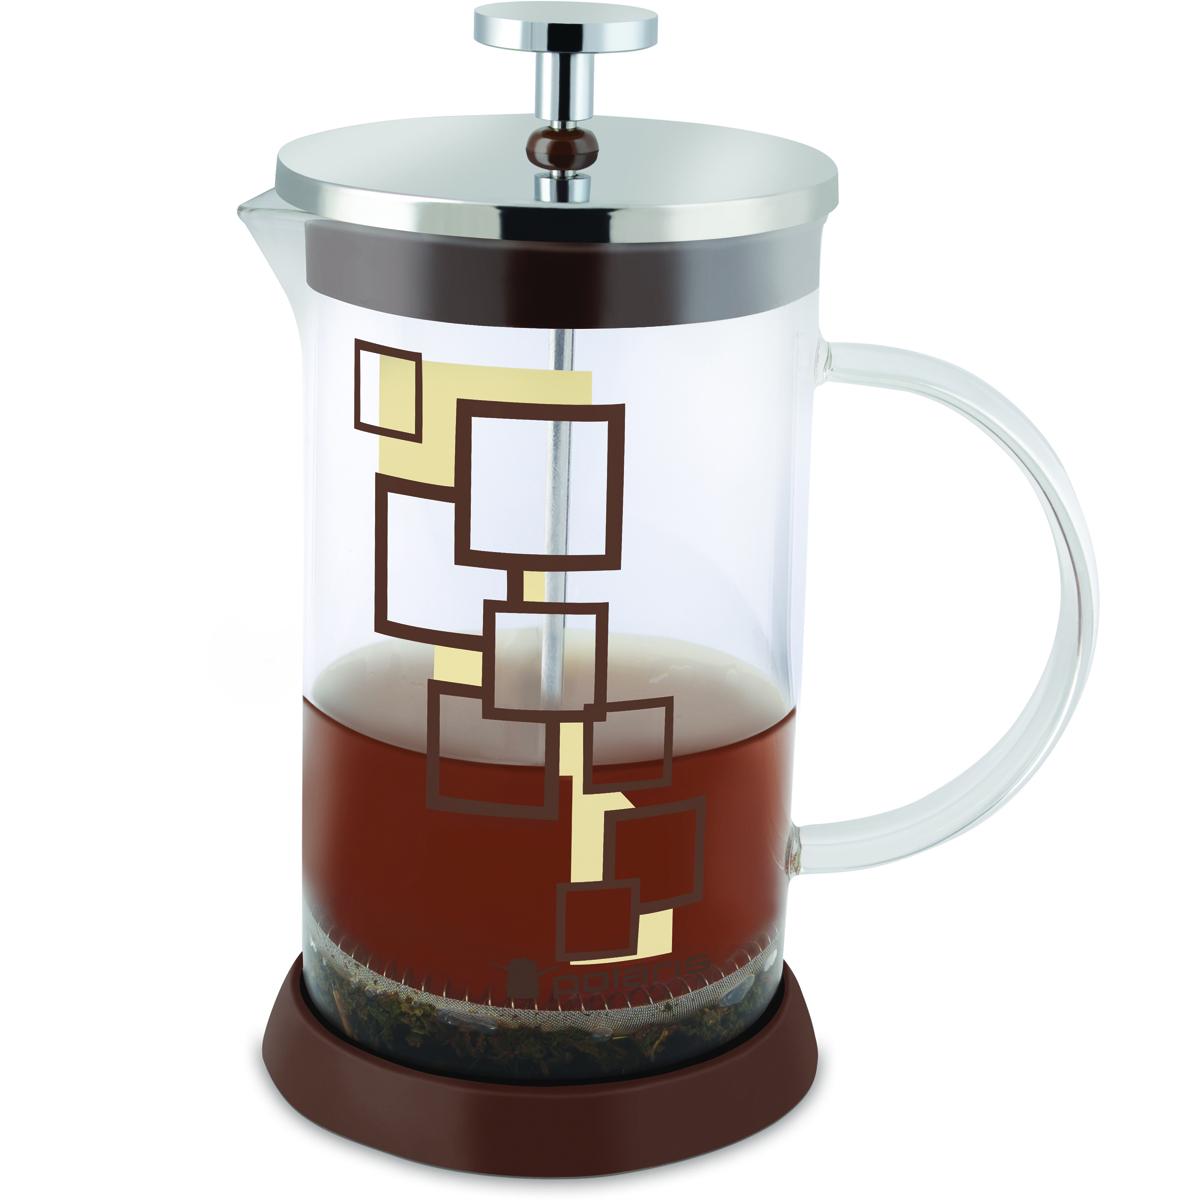 Френч-пресс Polaris Pixel-600FP, 600 млPixel-600FPЭксклюзивный дизайн. Подходит для заваривания кофе и чая. Колба из жаропрочного стекла. Эргономичный поршень с фильтром из нержавеющей стали 18/10 Подставка из высококачественного силикона для удобства использования